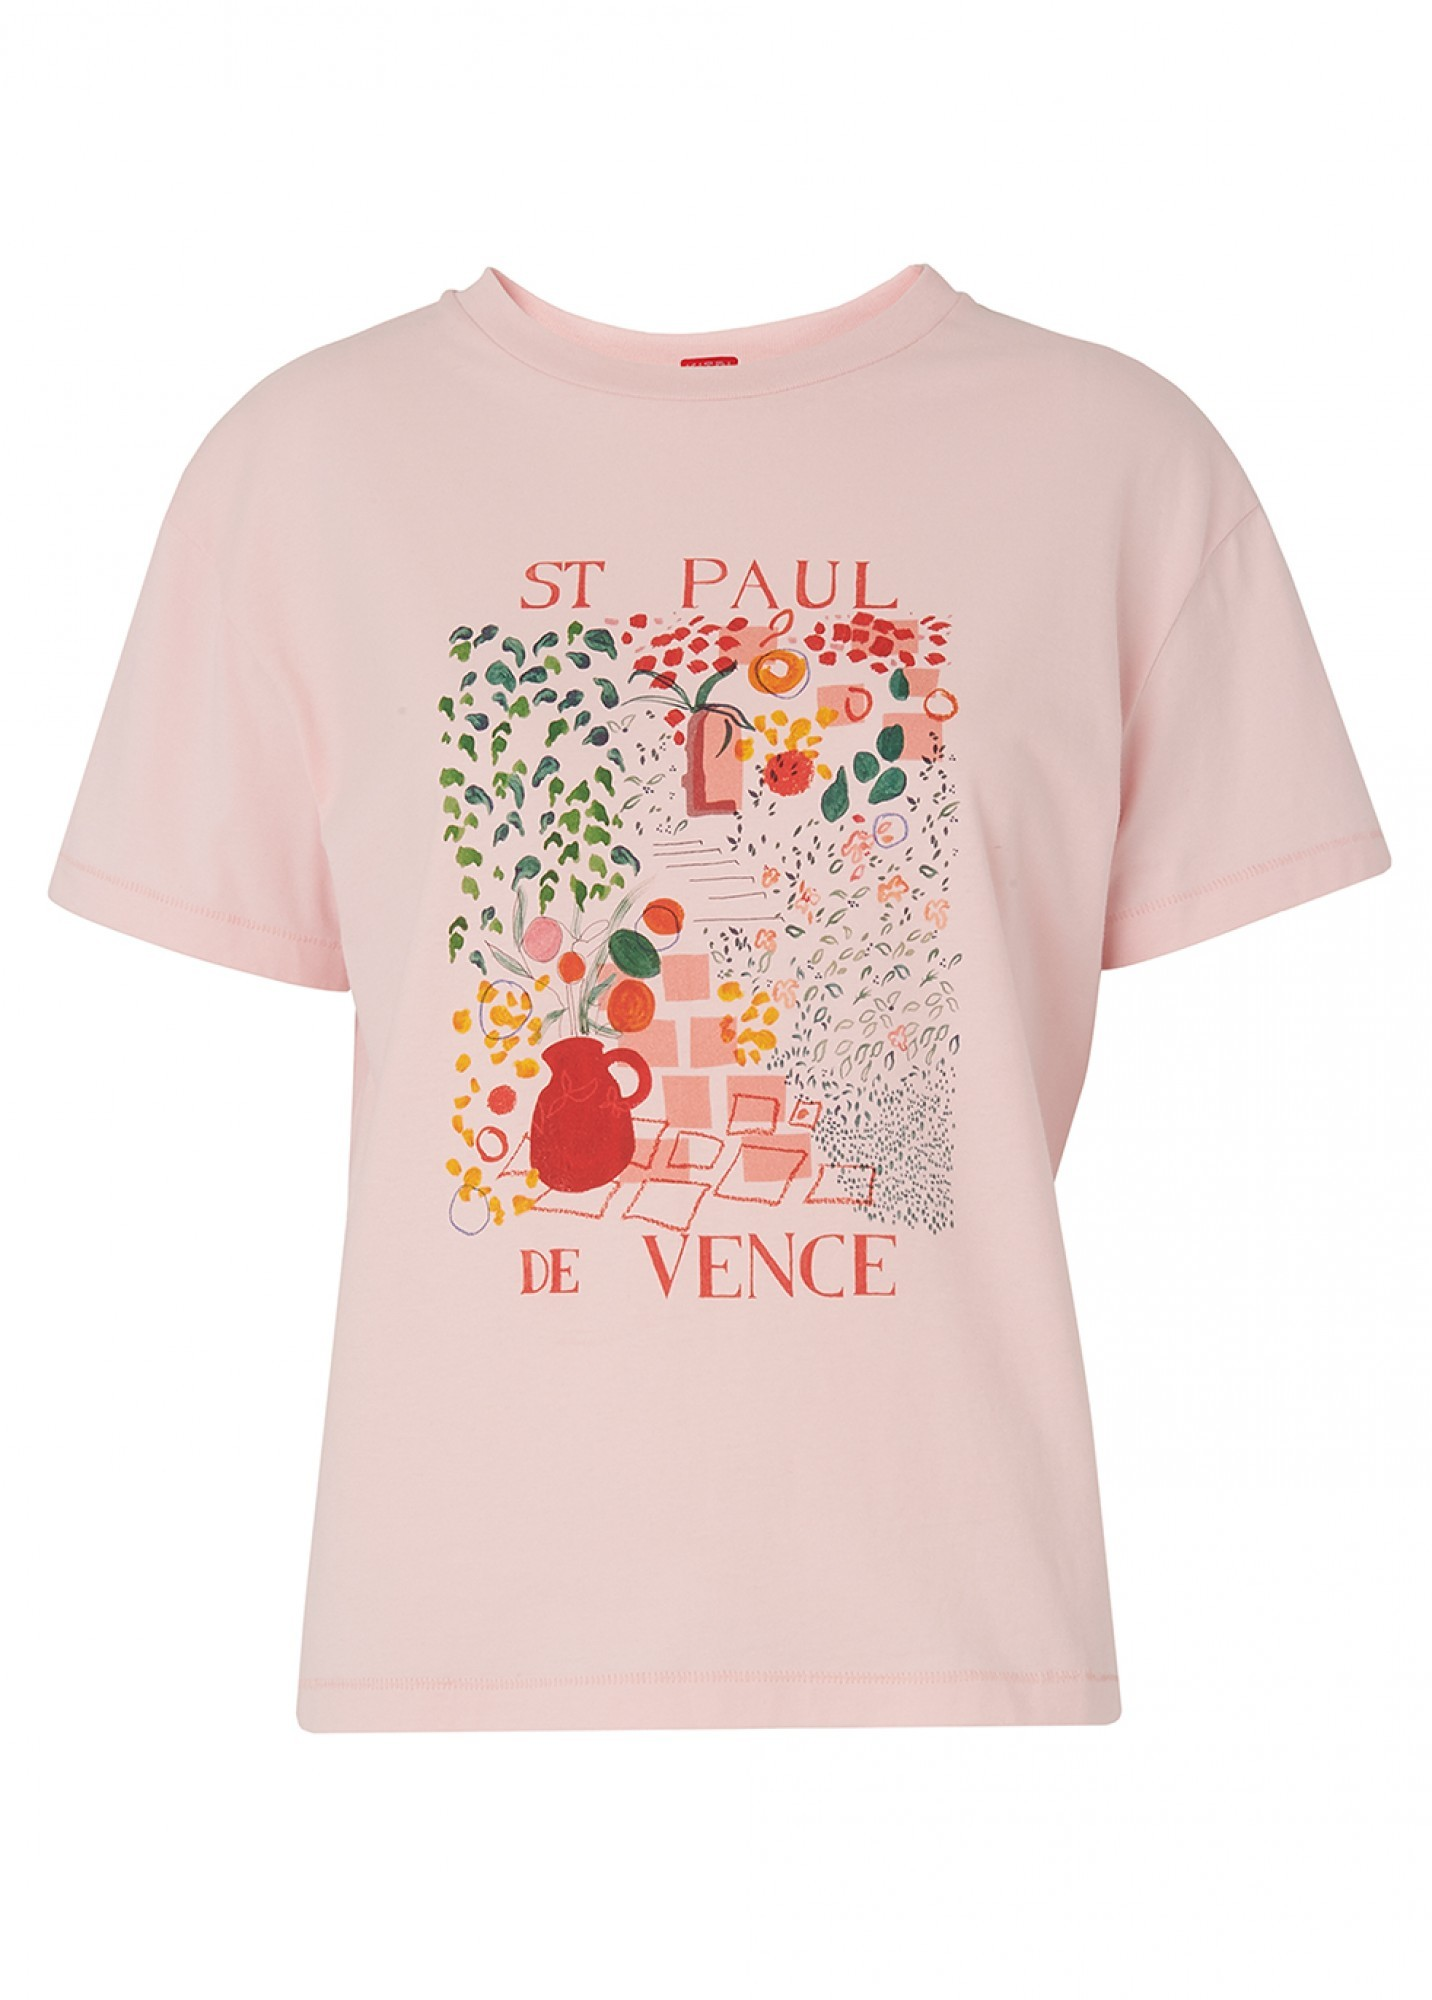 KITRI ST PAUL DE VENCE T-SHIRT